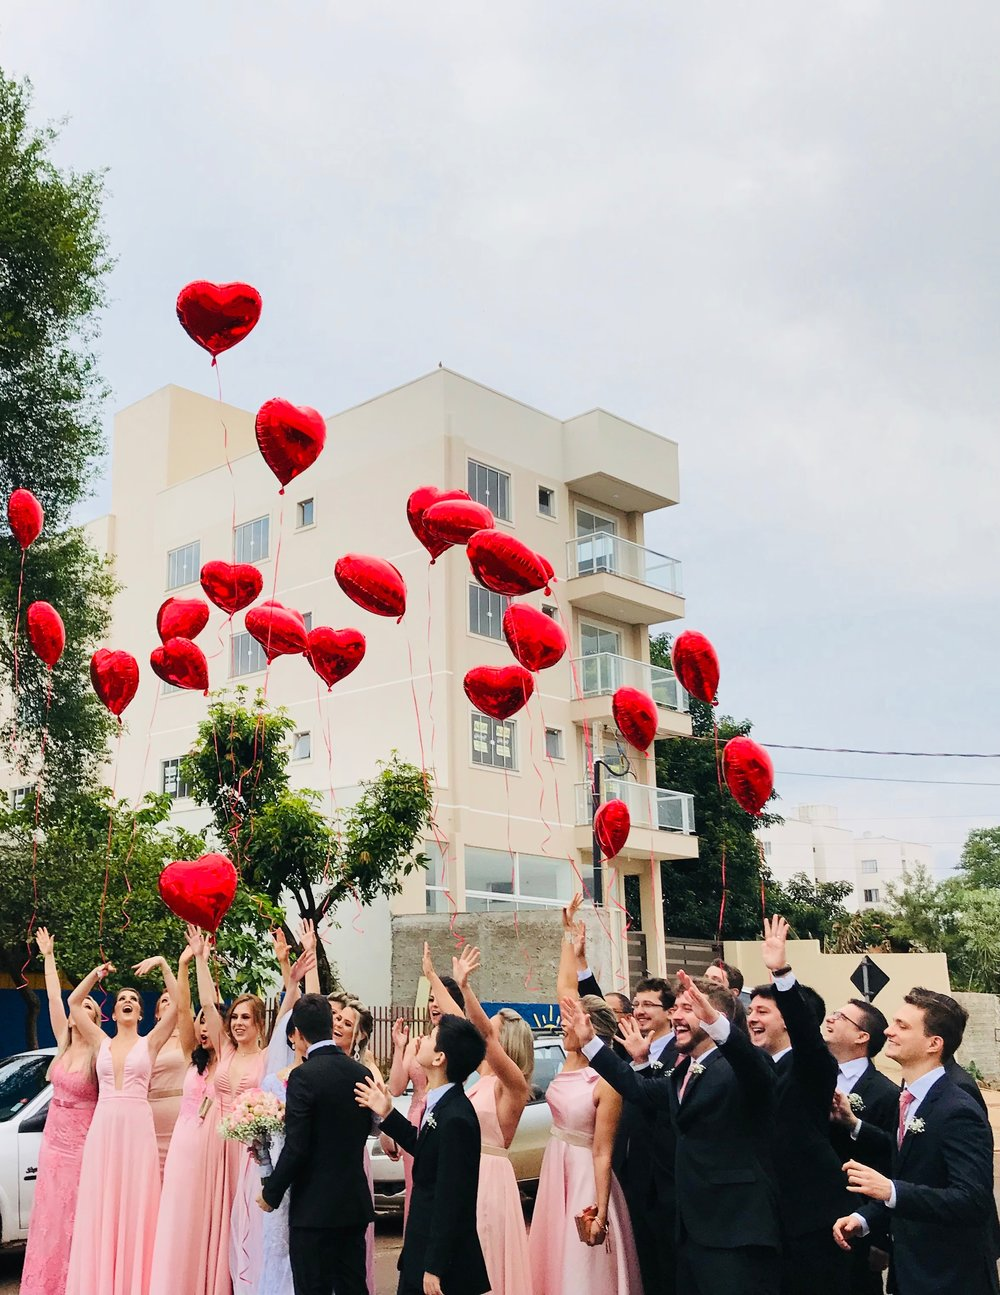 adult-balloon-balloons-673659.jpg